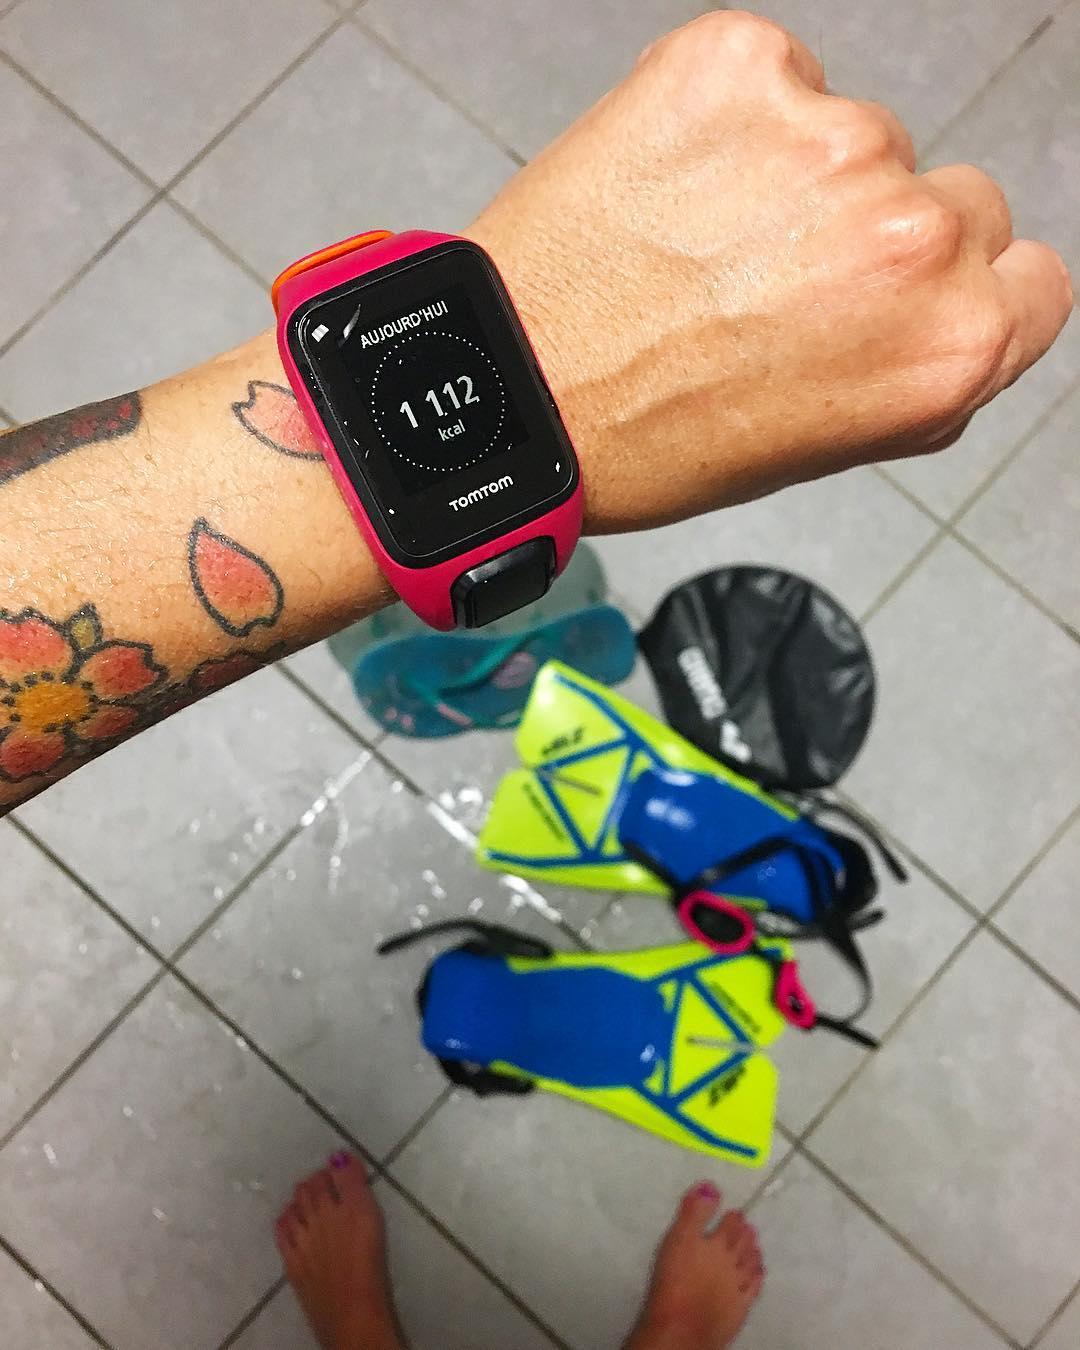 3km en 1h ??♀️ (120 x 25m) ... progression... bien mérité mon Mc Fleury ?? . Tu peux tout suivre sur :  #PintadeSport & #NoPainNoSaucisson  __________________ #tbc #sport #blogsport #pintademontpellier #fitness #workout #swimming #natation #piscine #antigone #MonChallengeSante #ChallengeSante #teambouboule #BefitBeKind  #dubndiducrewmtp #dubndiducrewmontpellier #dubndiducrew #RFCmarseille #pintadesport